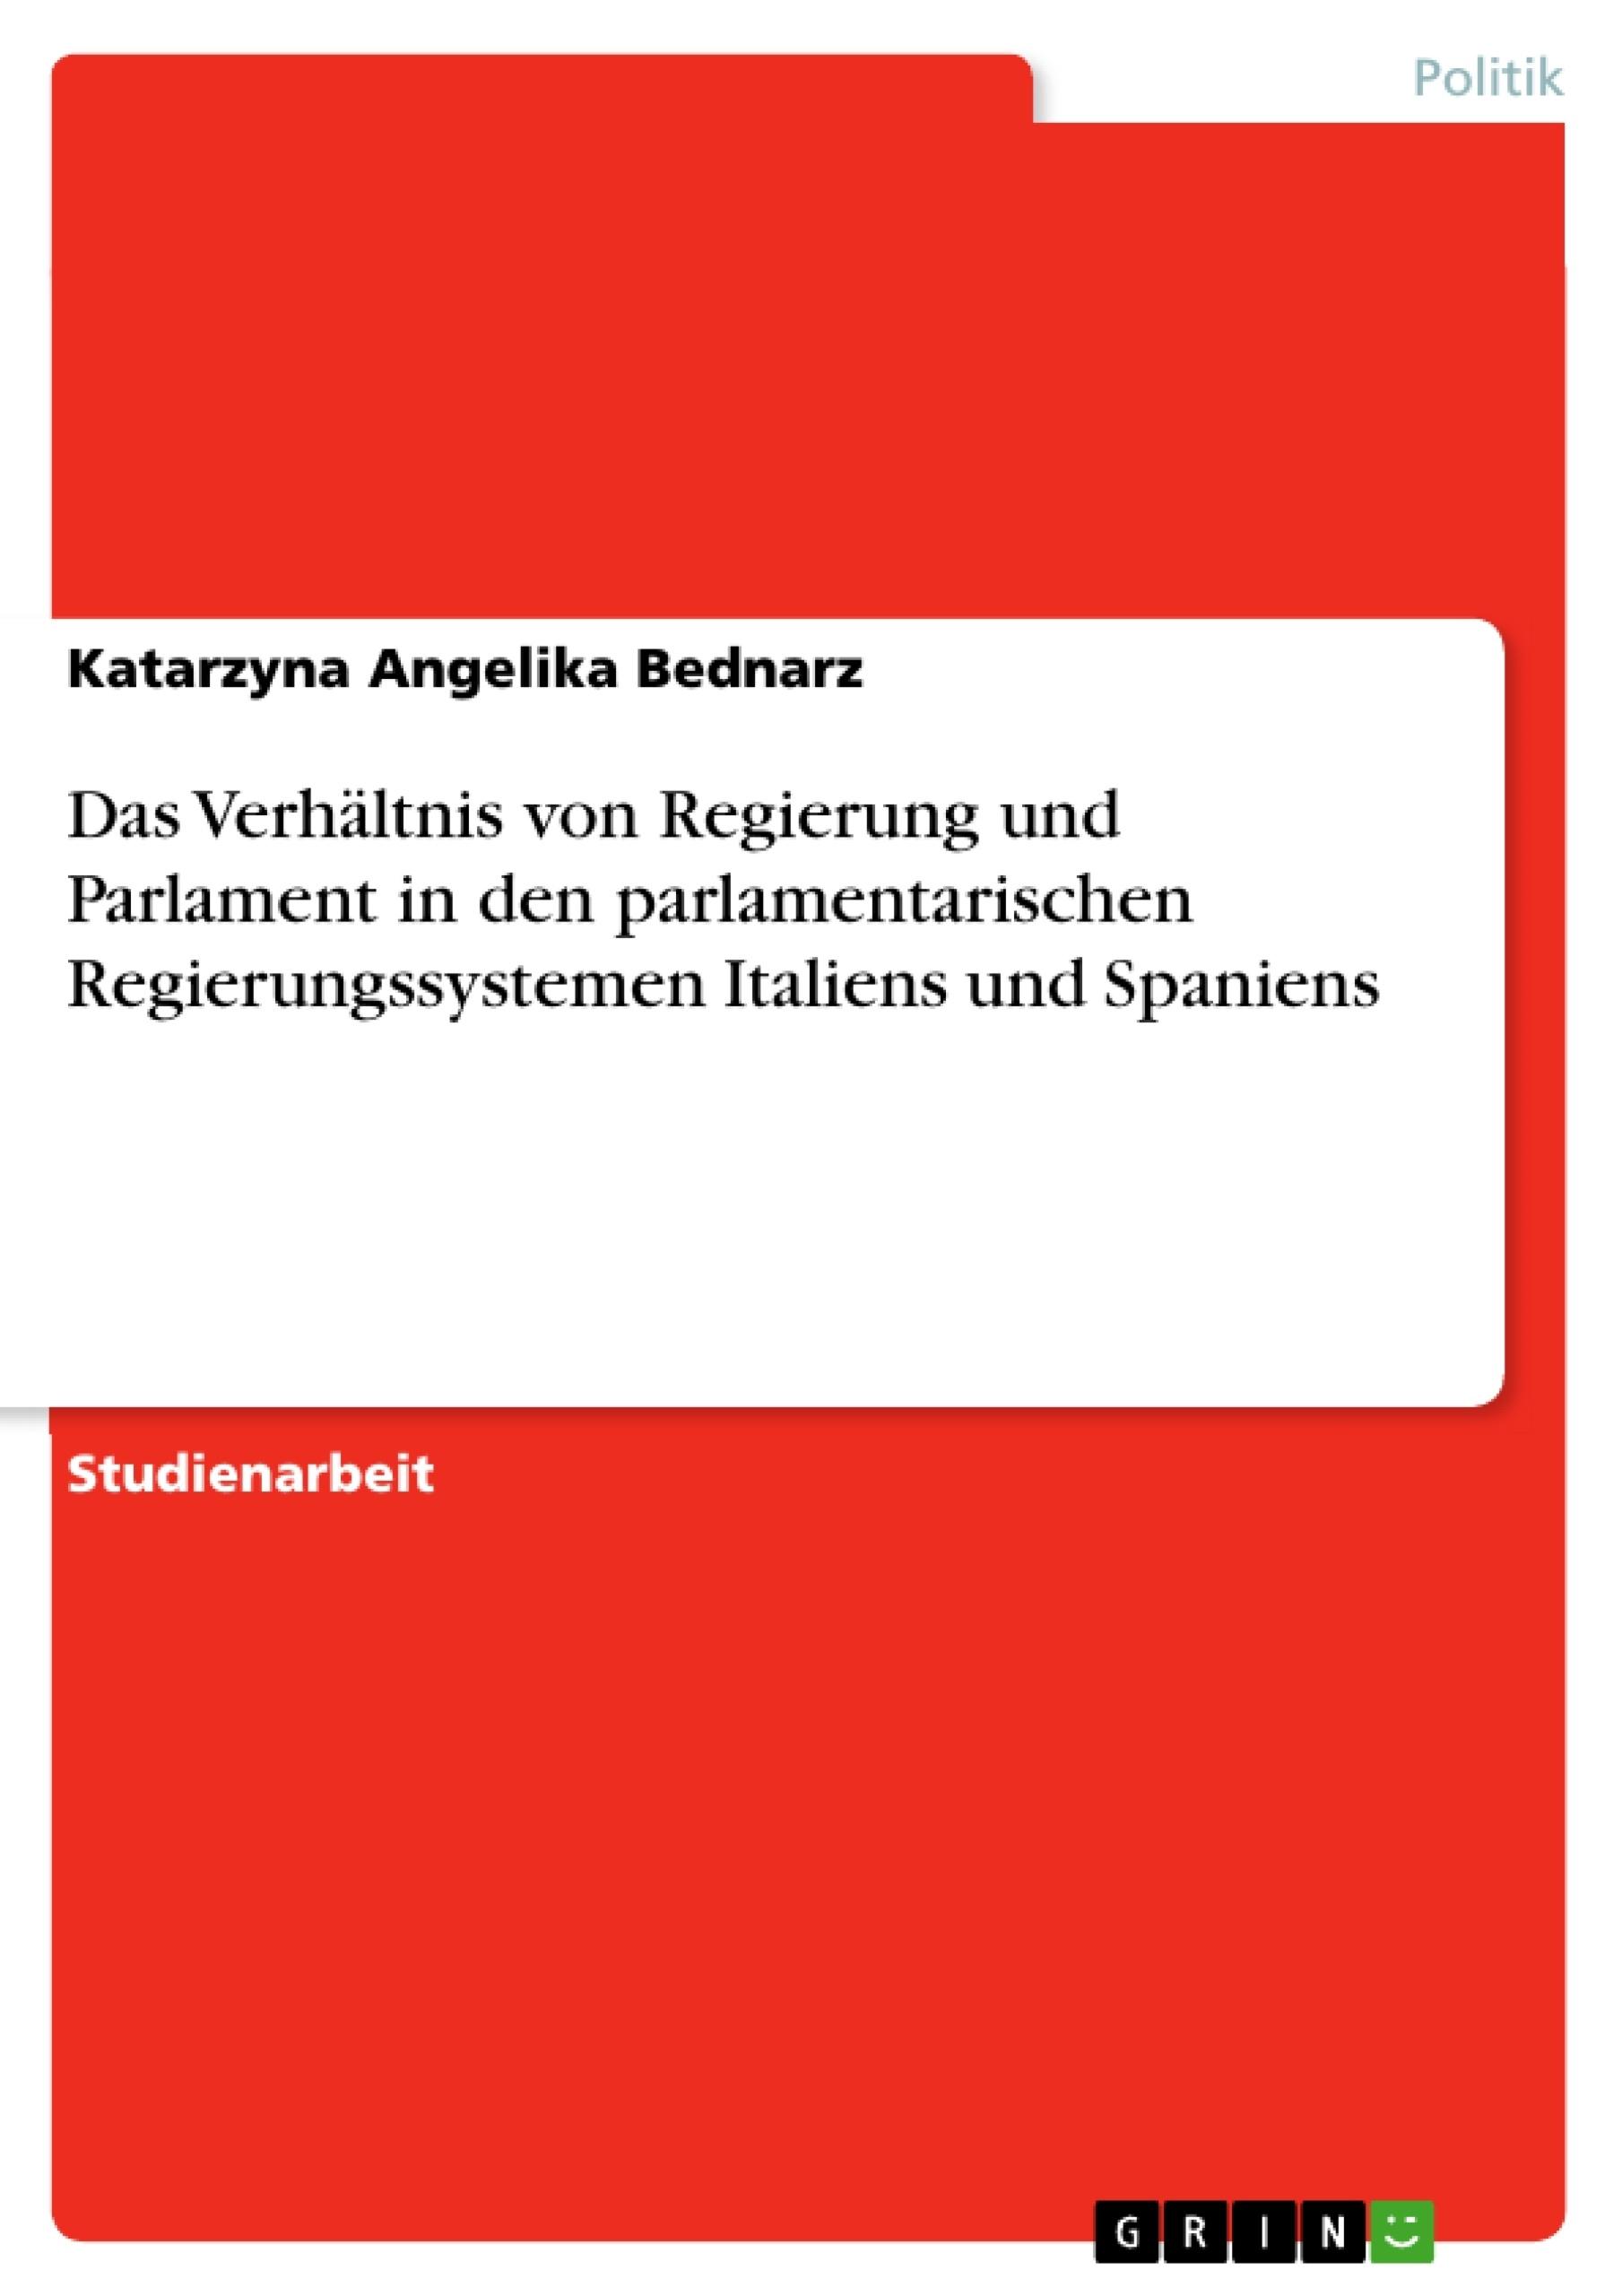 Titel: Das Verhältnis von Regierung und Parlament in den parlamentarischen Regierungssystemen Italiens und Spaniens